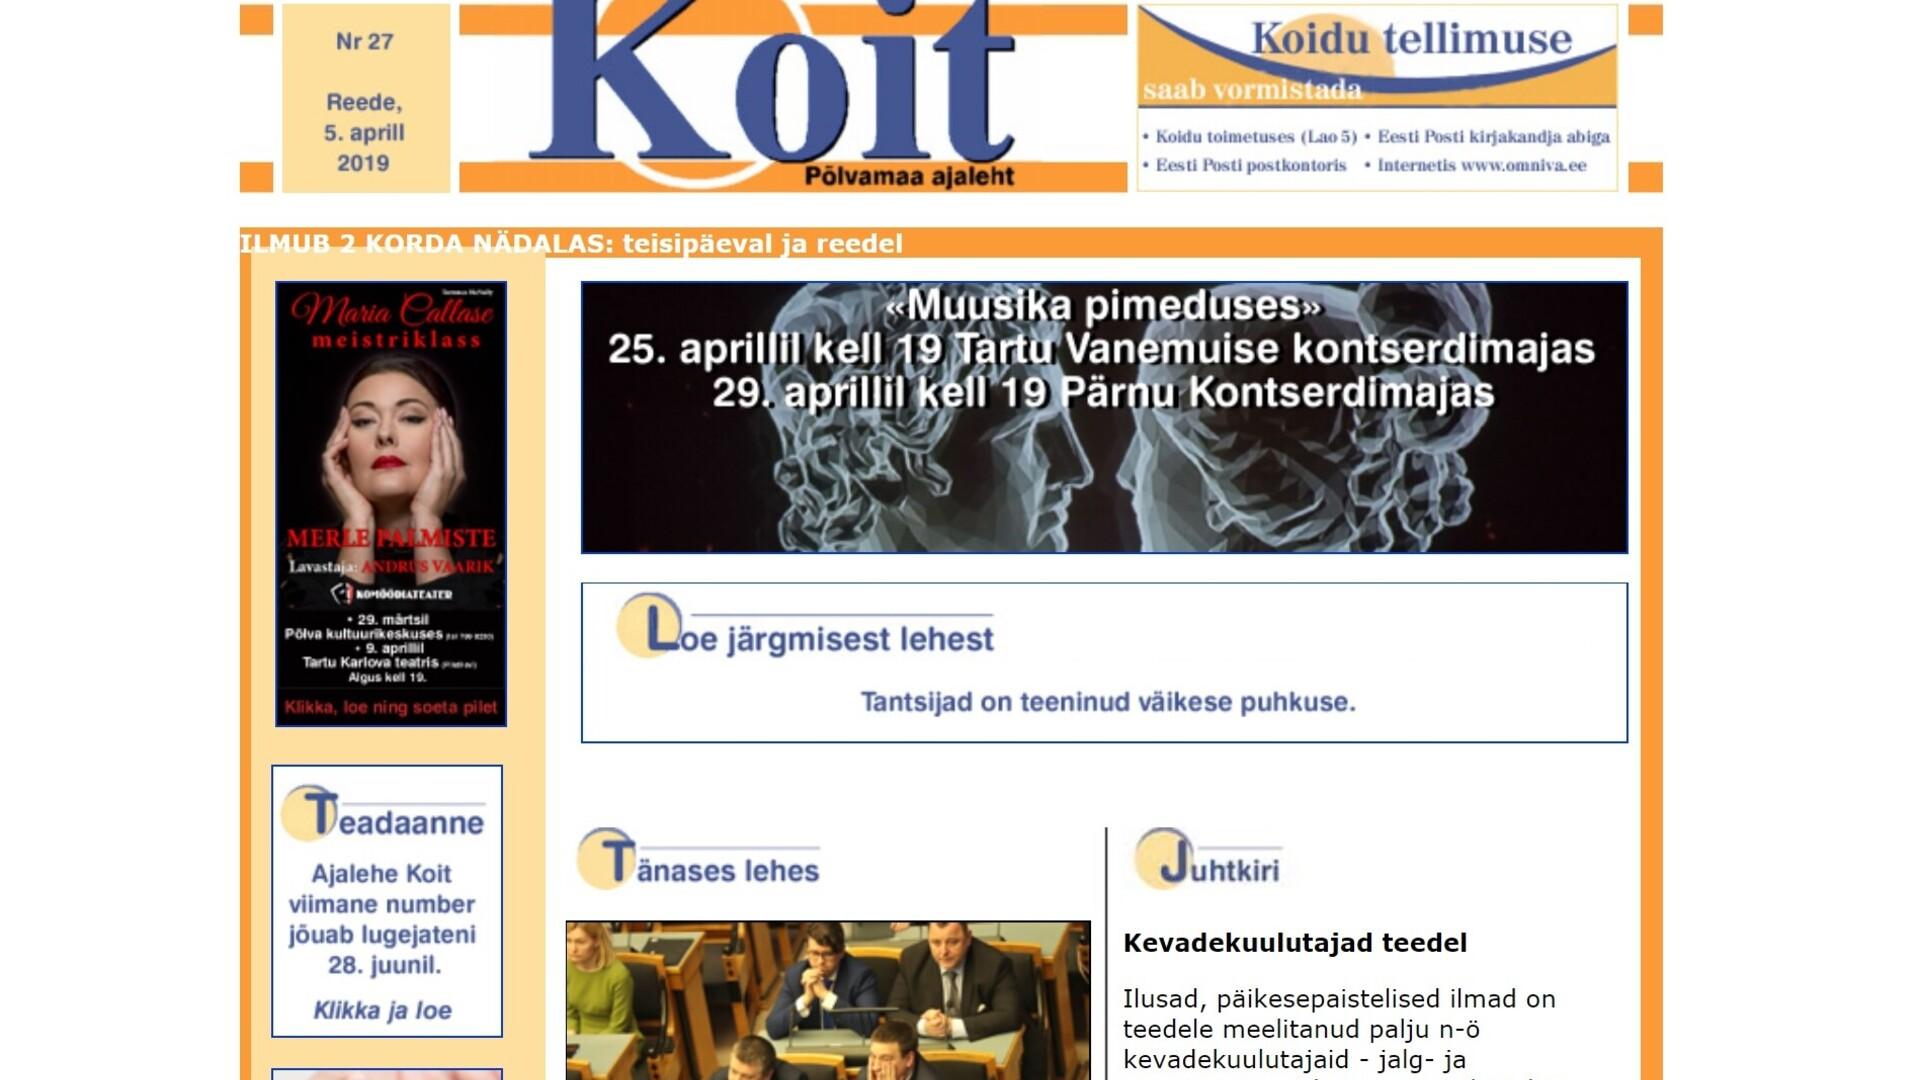 fc66e4e6389 Põlvamaa ajaleht Koit võib jätkata ilmumist Lõuna-Eesti Postimehe vahel |  Majandus | ERR